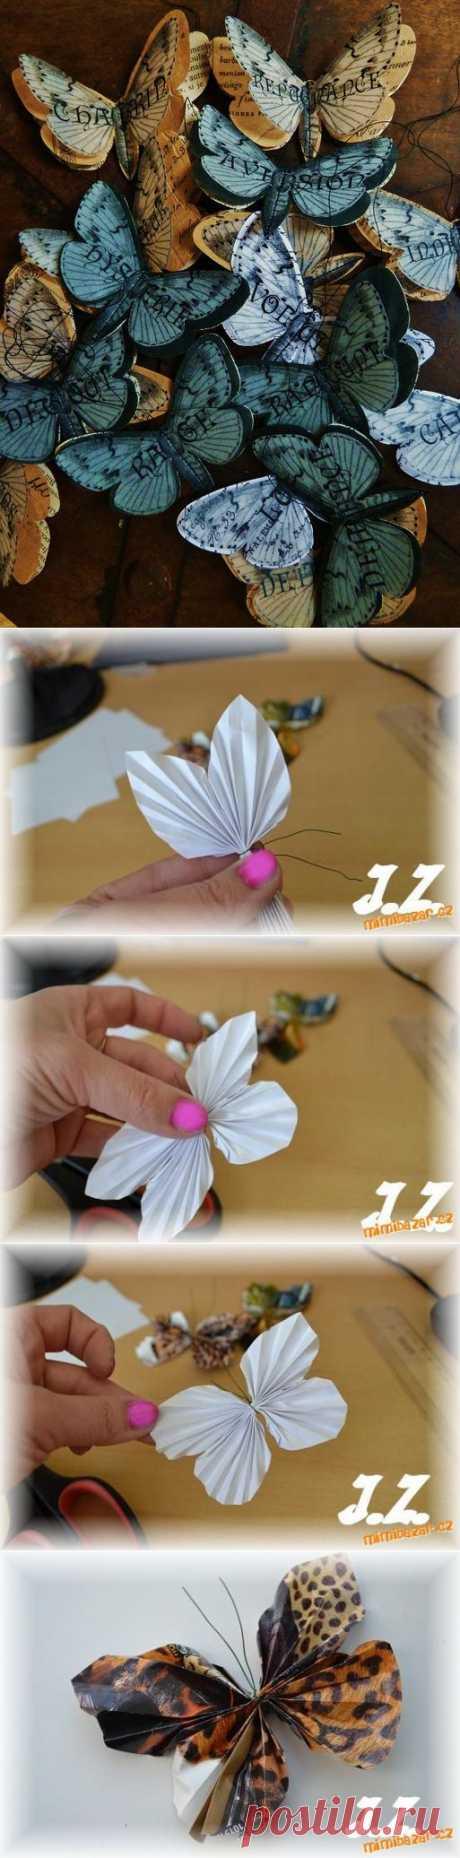 Бабочки из книжных и журнальных страниц / Я - суперпупер